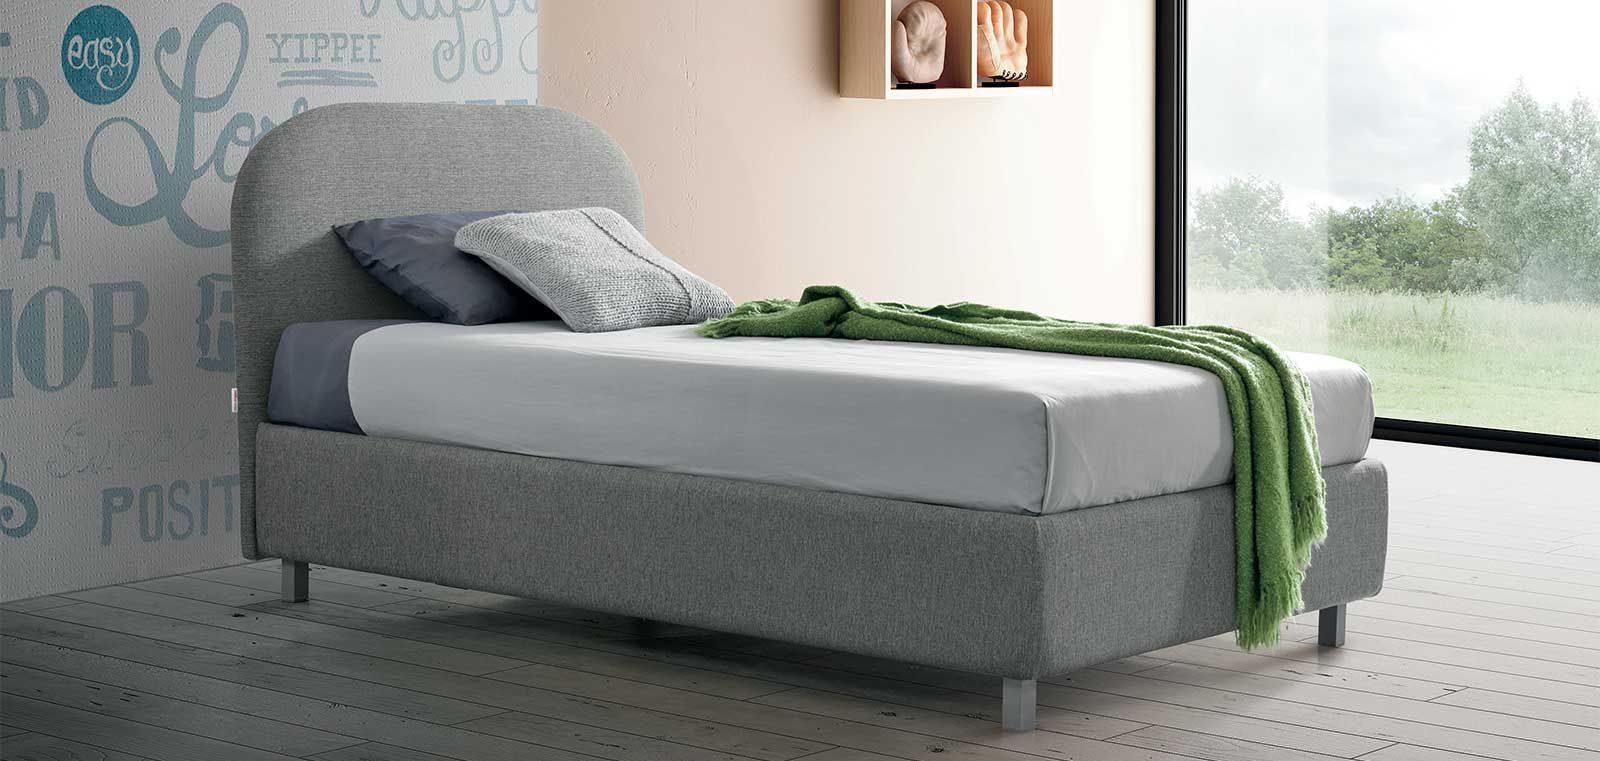 Offerta letto con contenitore piazza mezza Bianca STILFAR